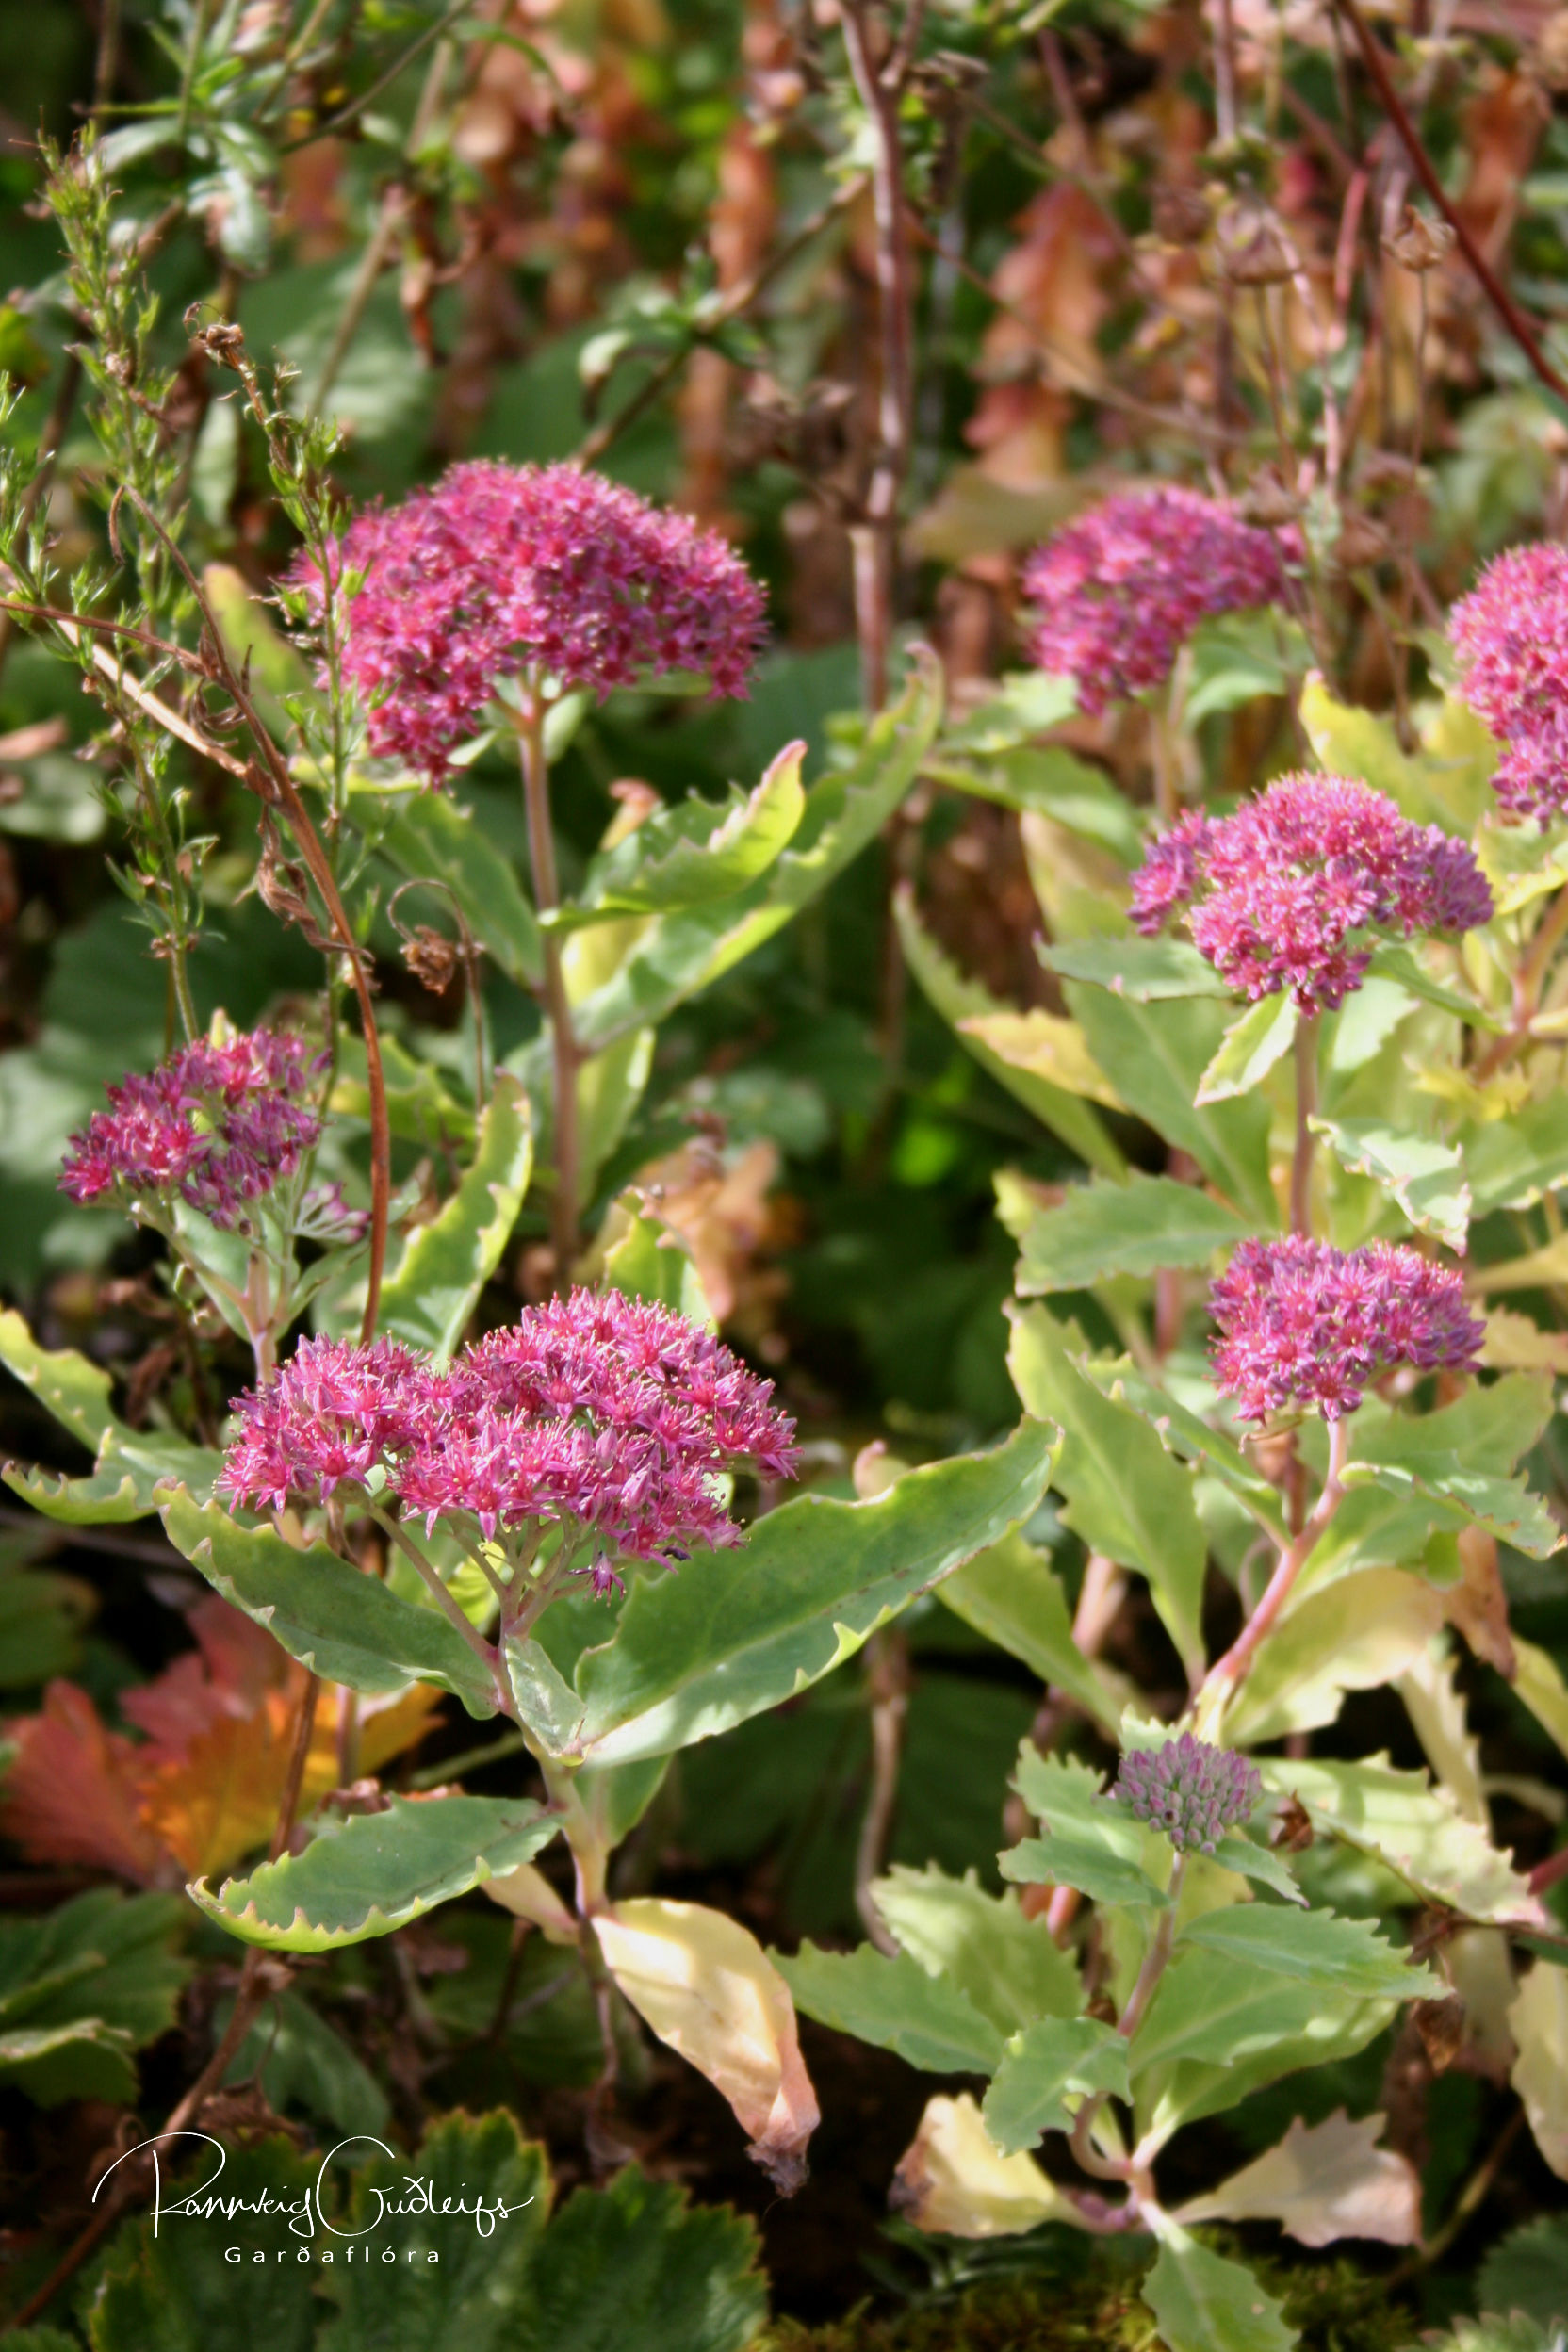 Sedum telephium ssp. fabaria